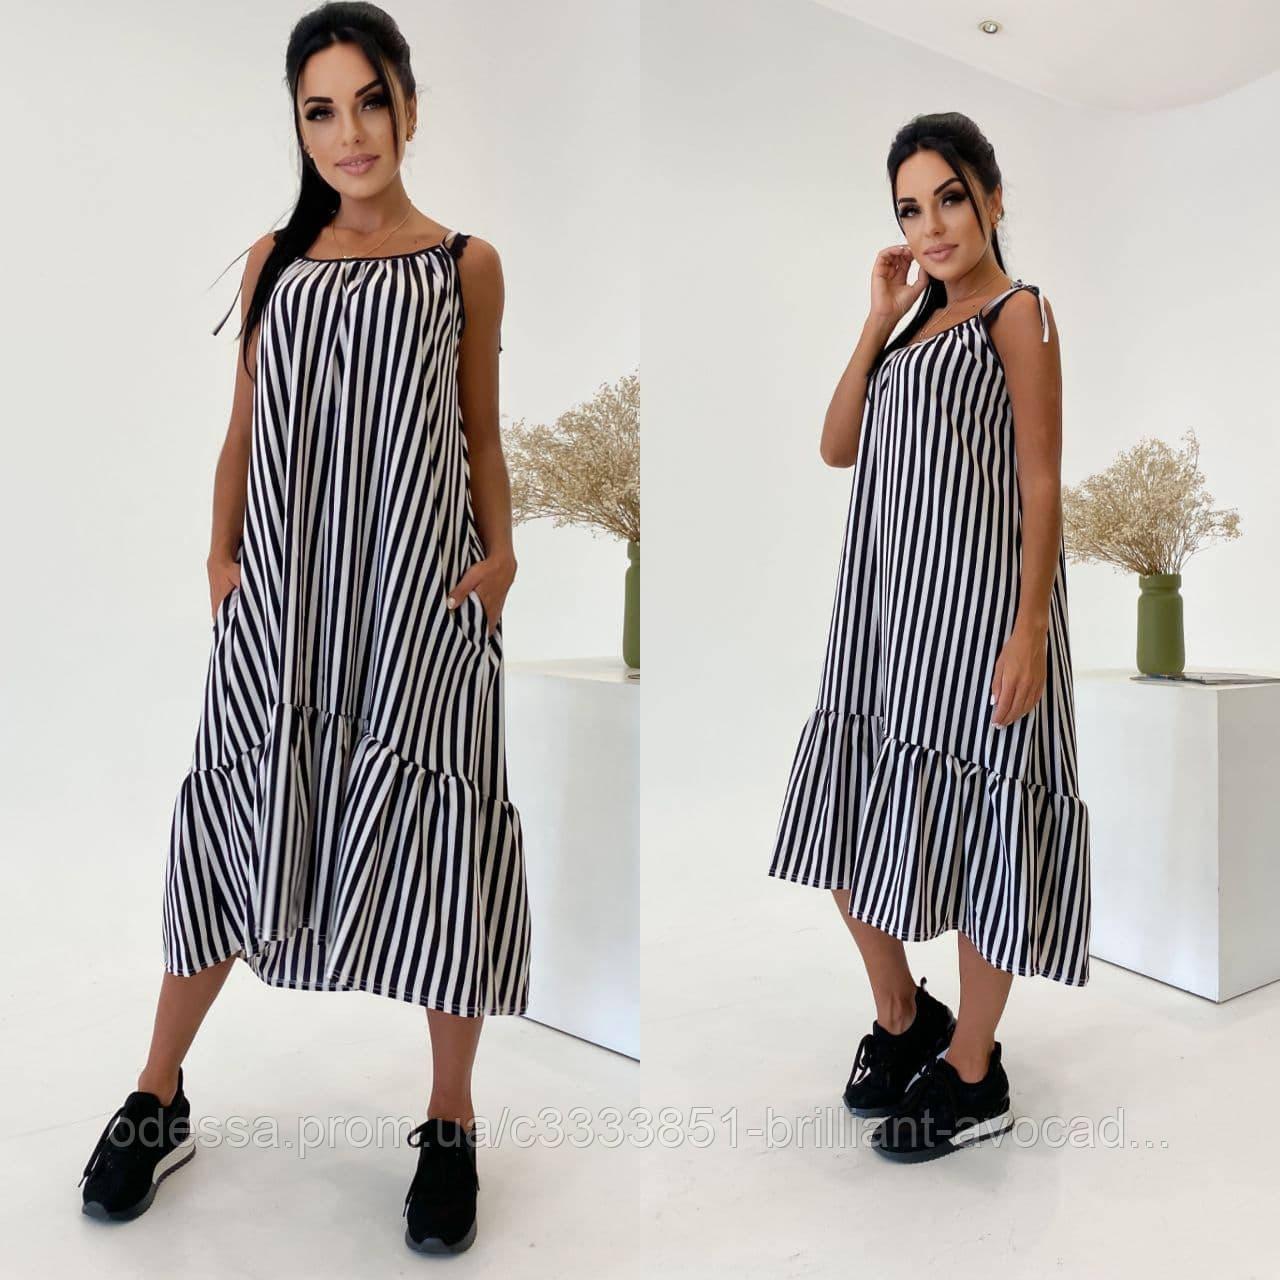 Жіночий модний літній сарафан - плаття в смужку, розмір 42 44 46 48 50 52